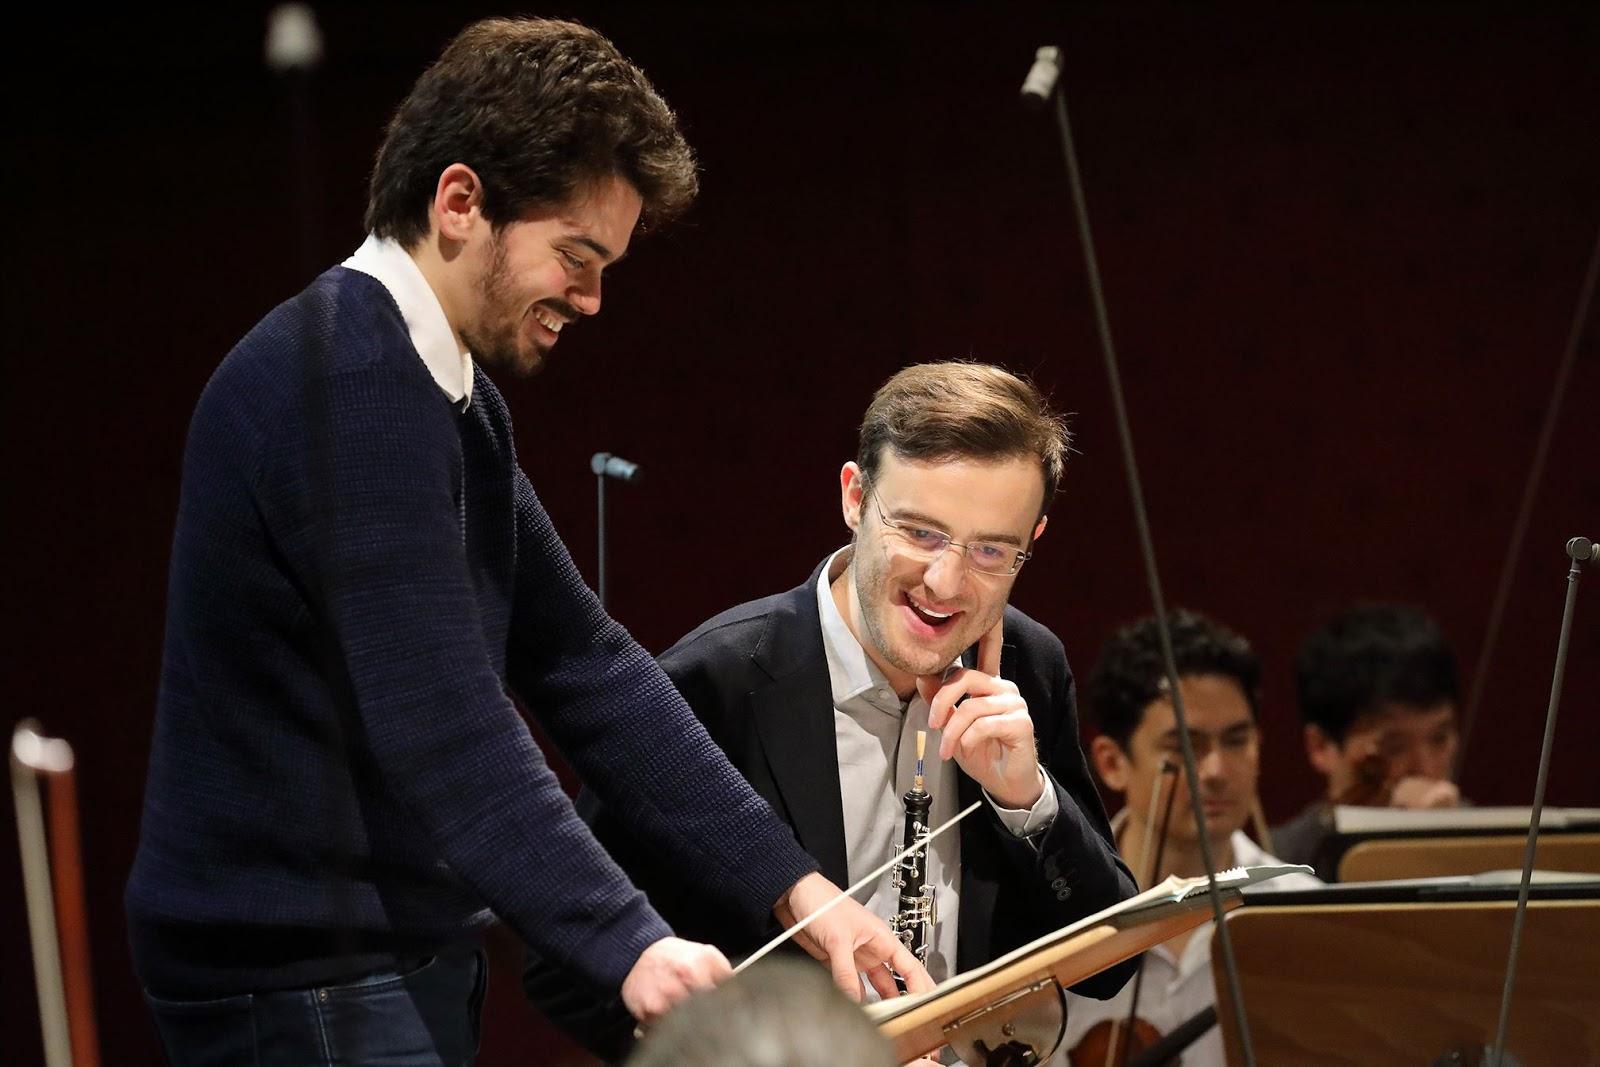 Lahav Shani et le  hautboïste solo Giorgi Gvantseladze en répétition Crédit photographique Bayerisches Staatsorchester